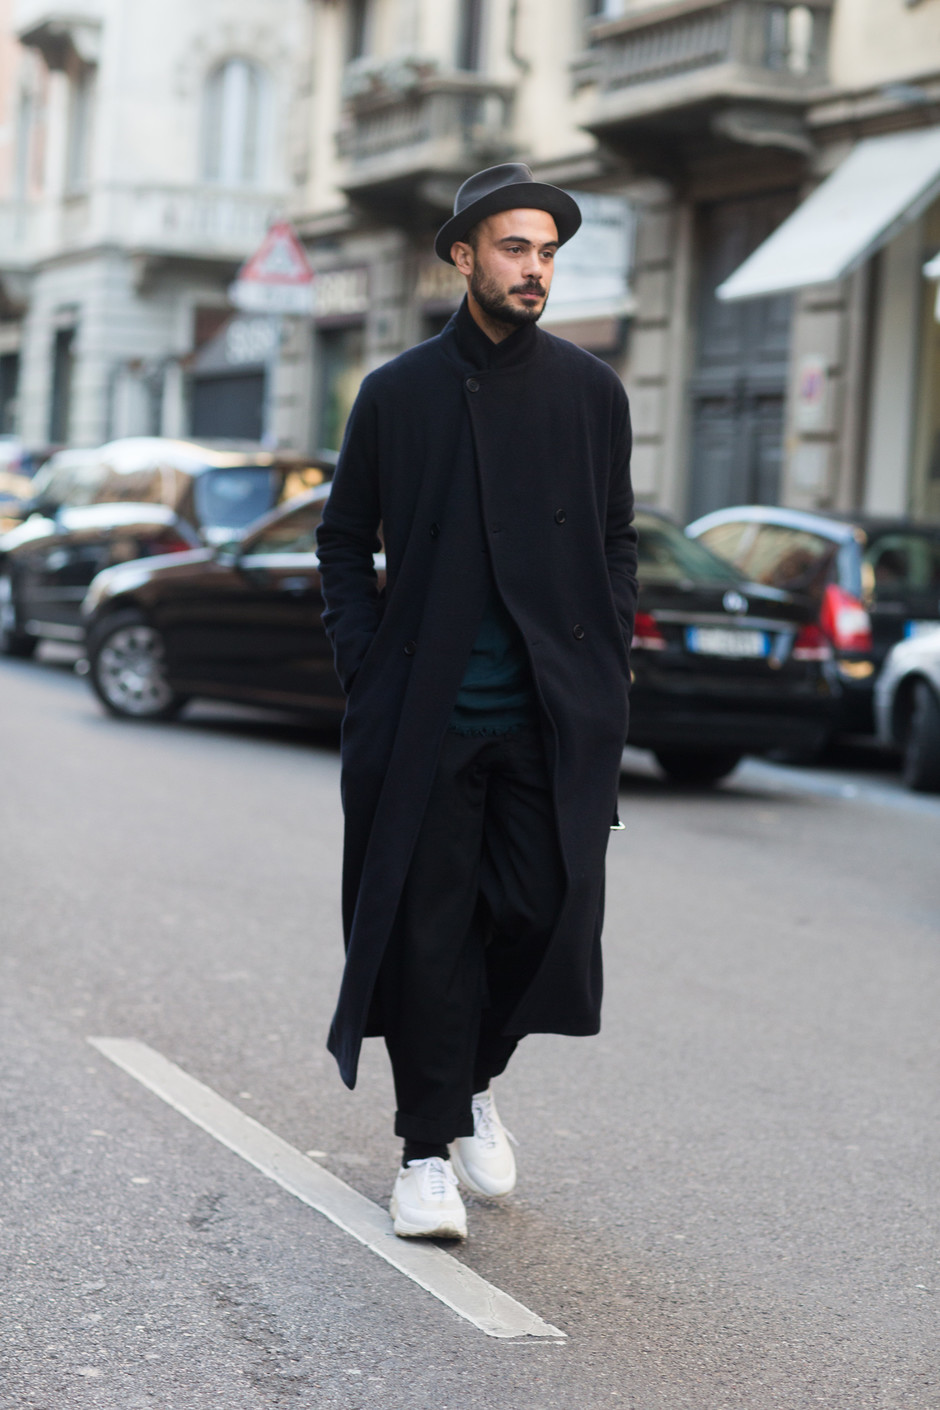 Стильные мужские образы на весну 2020 с кроссовками